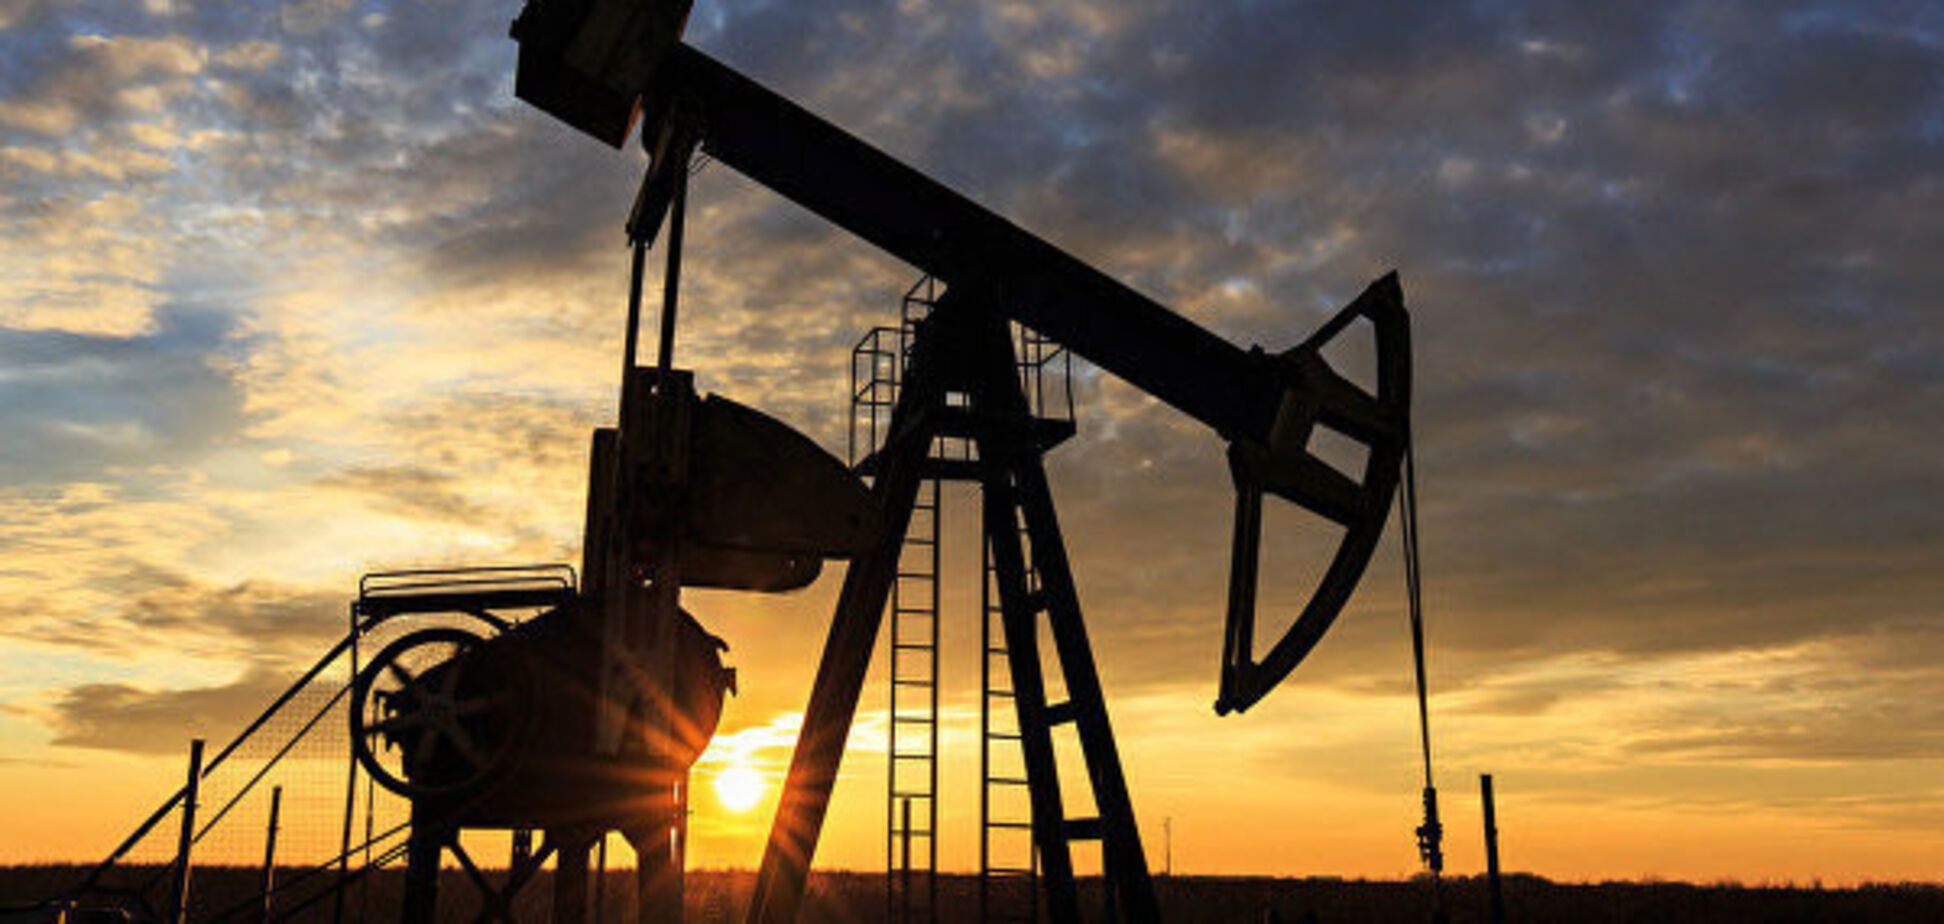 Нефть уже по 80 долларов за баррель: что будет с ценами дальше